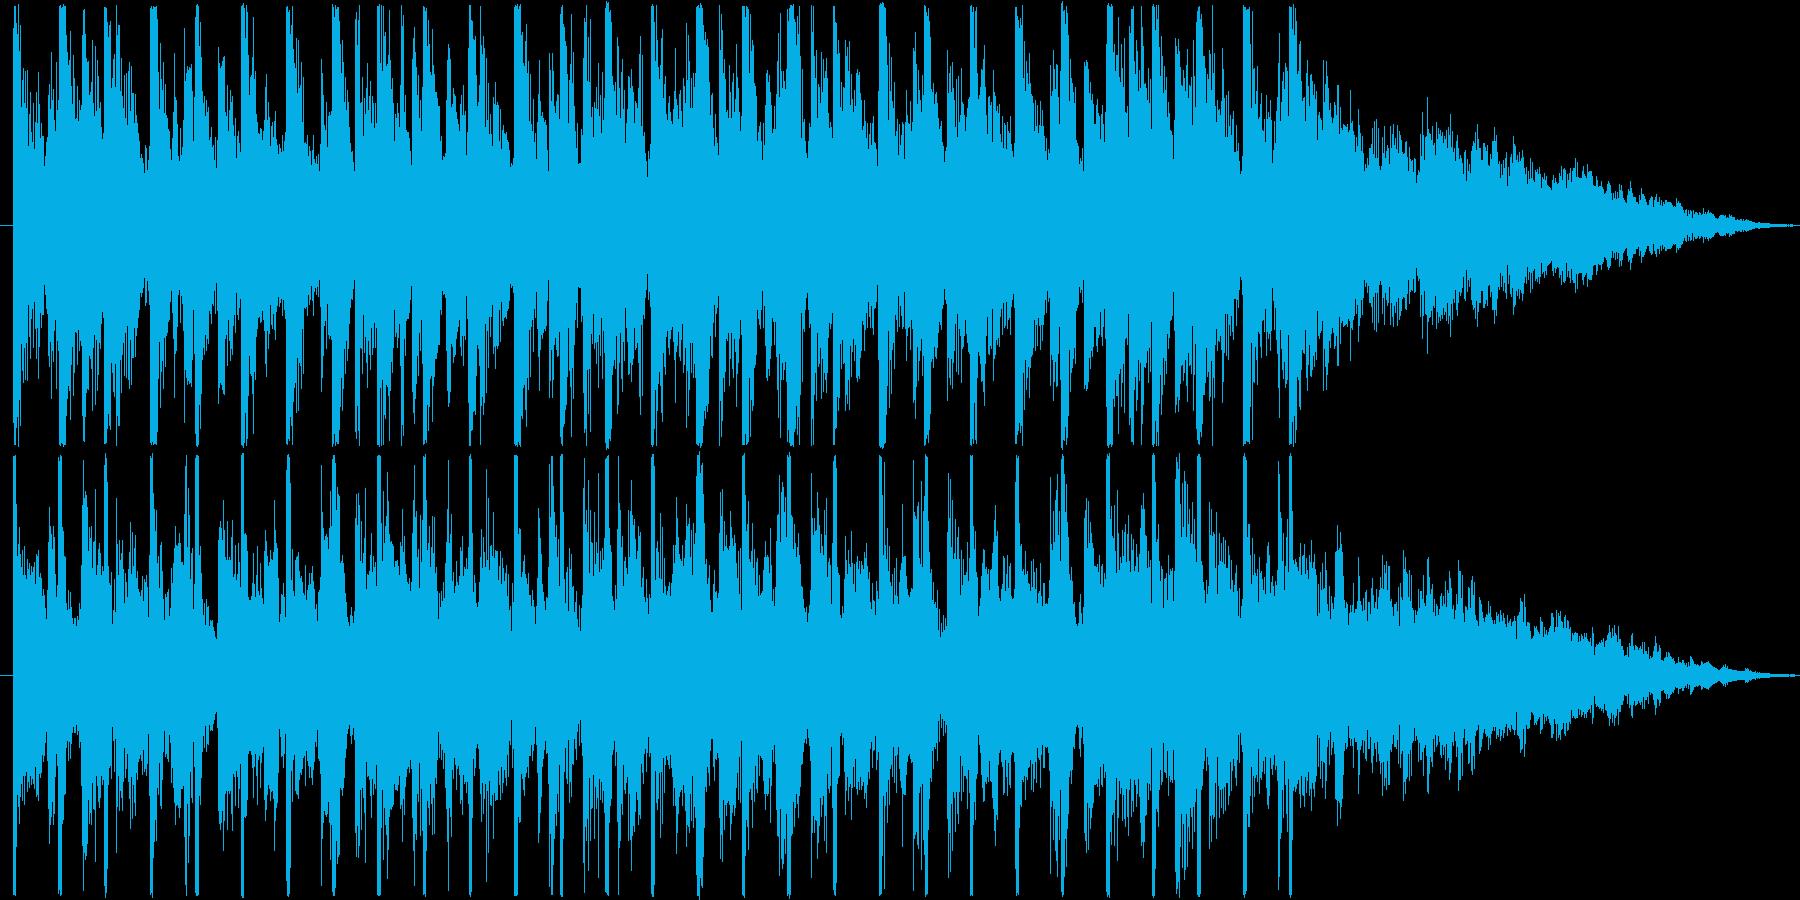 アップテンポな4つ打ちサウンドのジングルの再生済みの波形